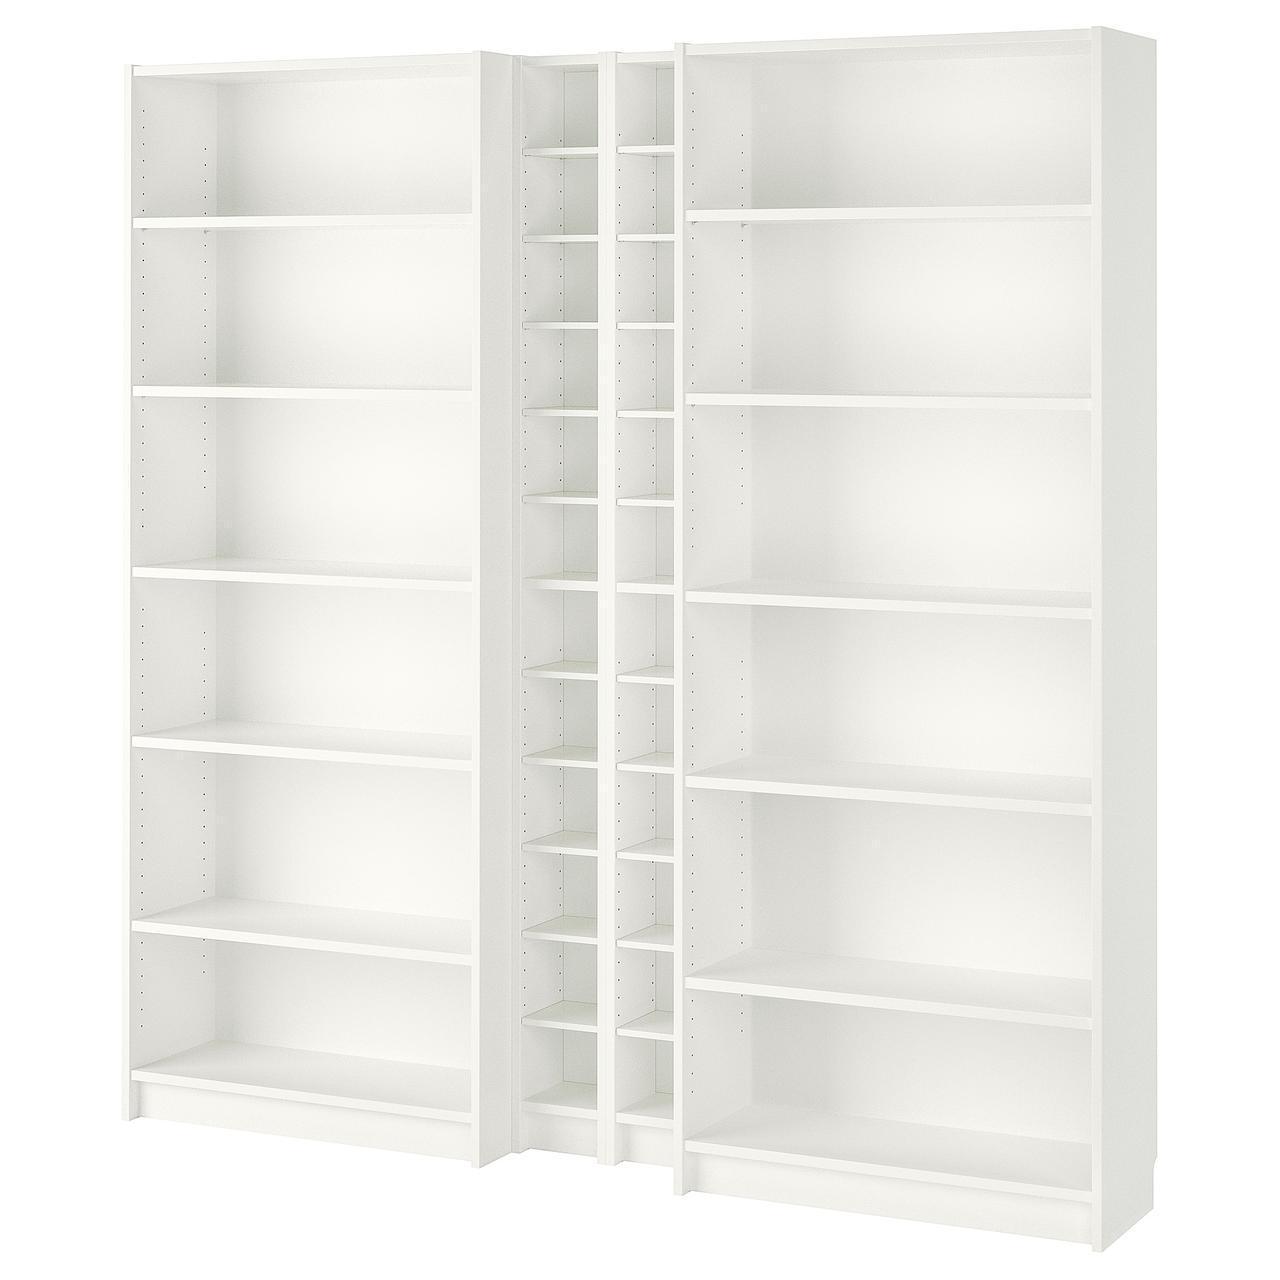 Стеллаж IKEA BILLY / GNEDBY 200x202x28 см белый 990.178.36